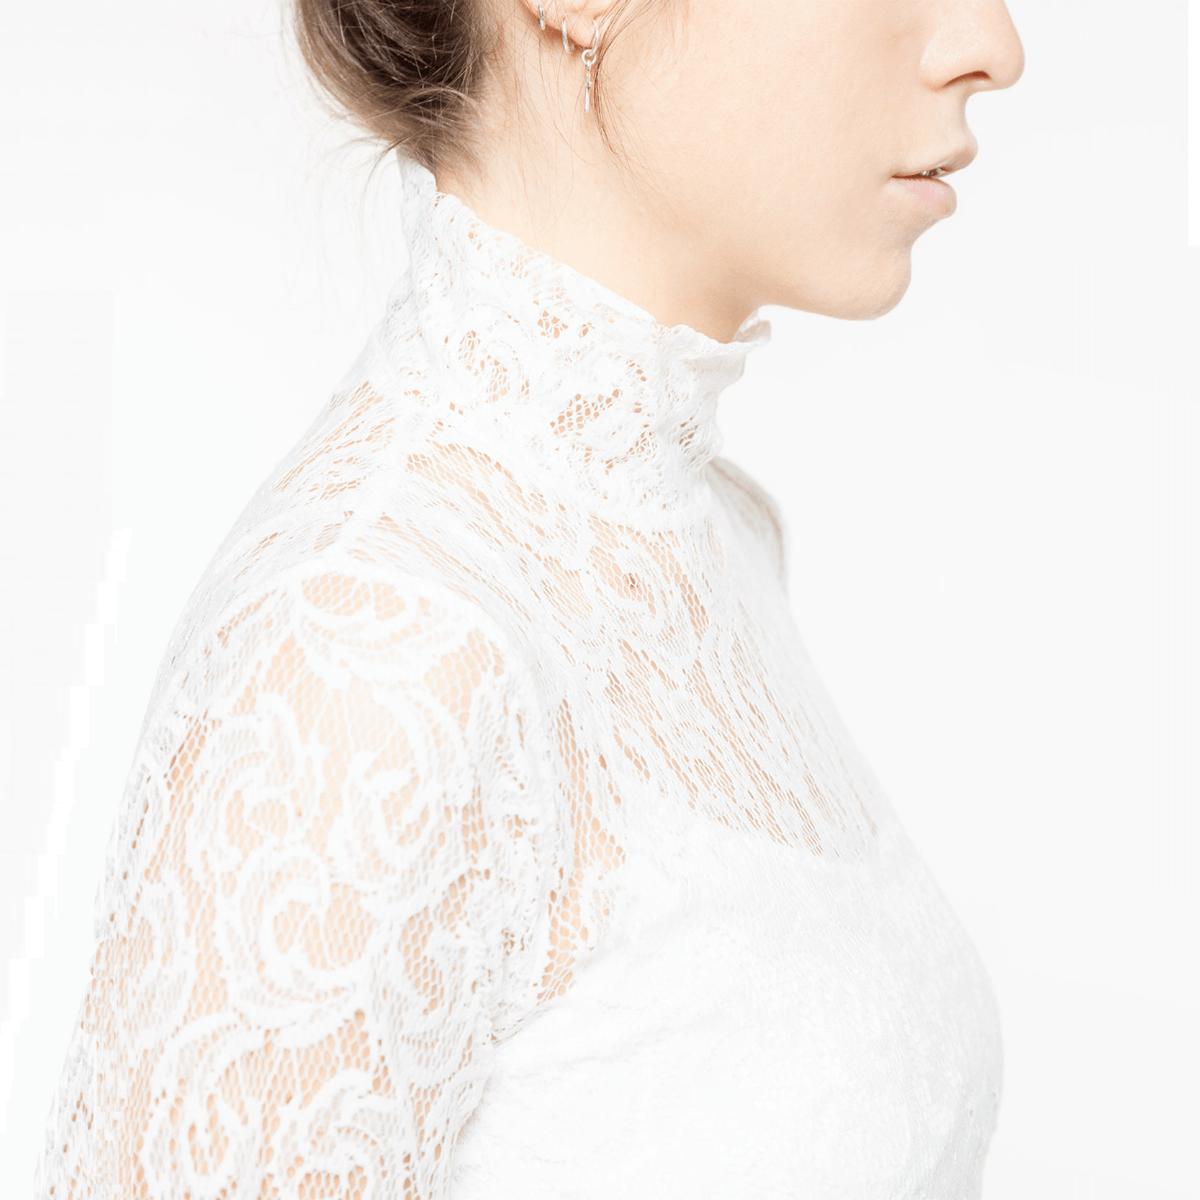 Bílé krajkové tričko s dlouhým rukávem – Blonda – S